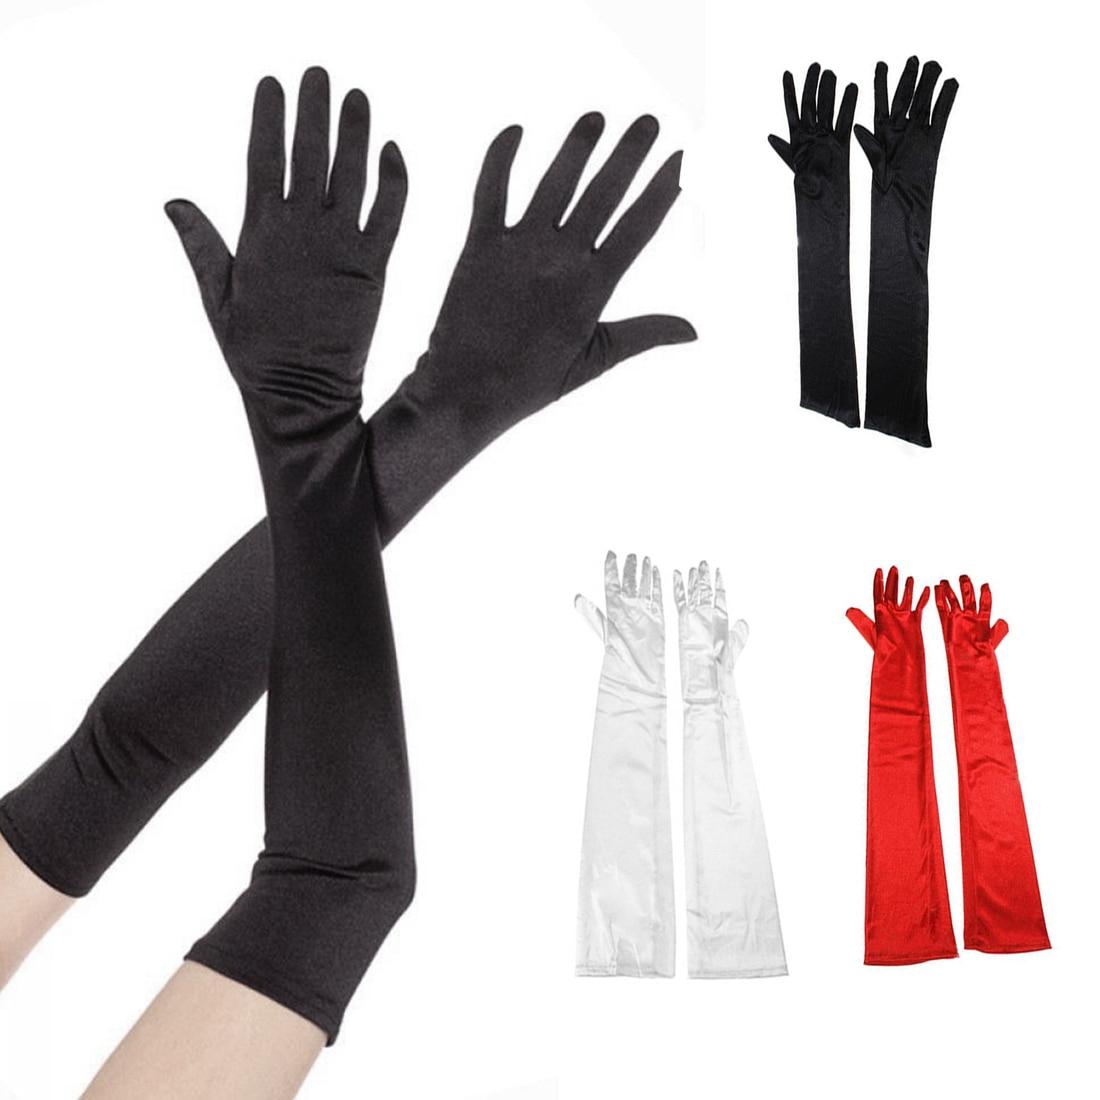 Long Satin Fashion Gloves Womens Satin Long Gloves Opera Evening Party Prom Costume Gloves Velvet H